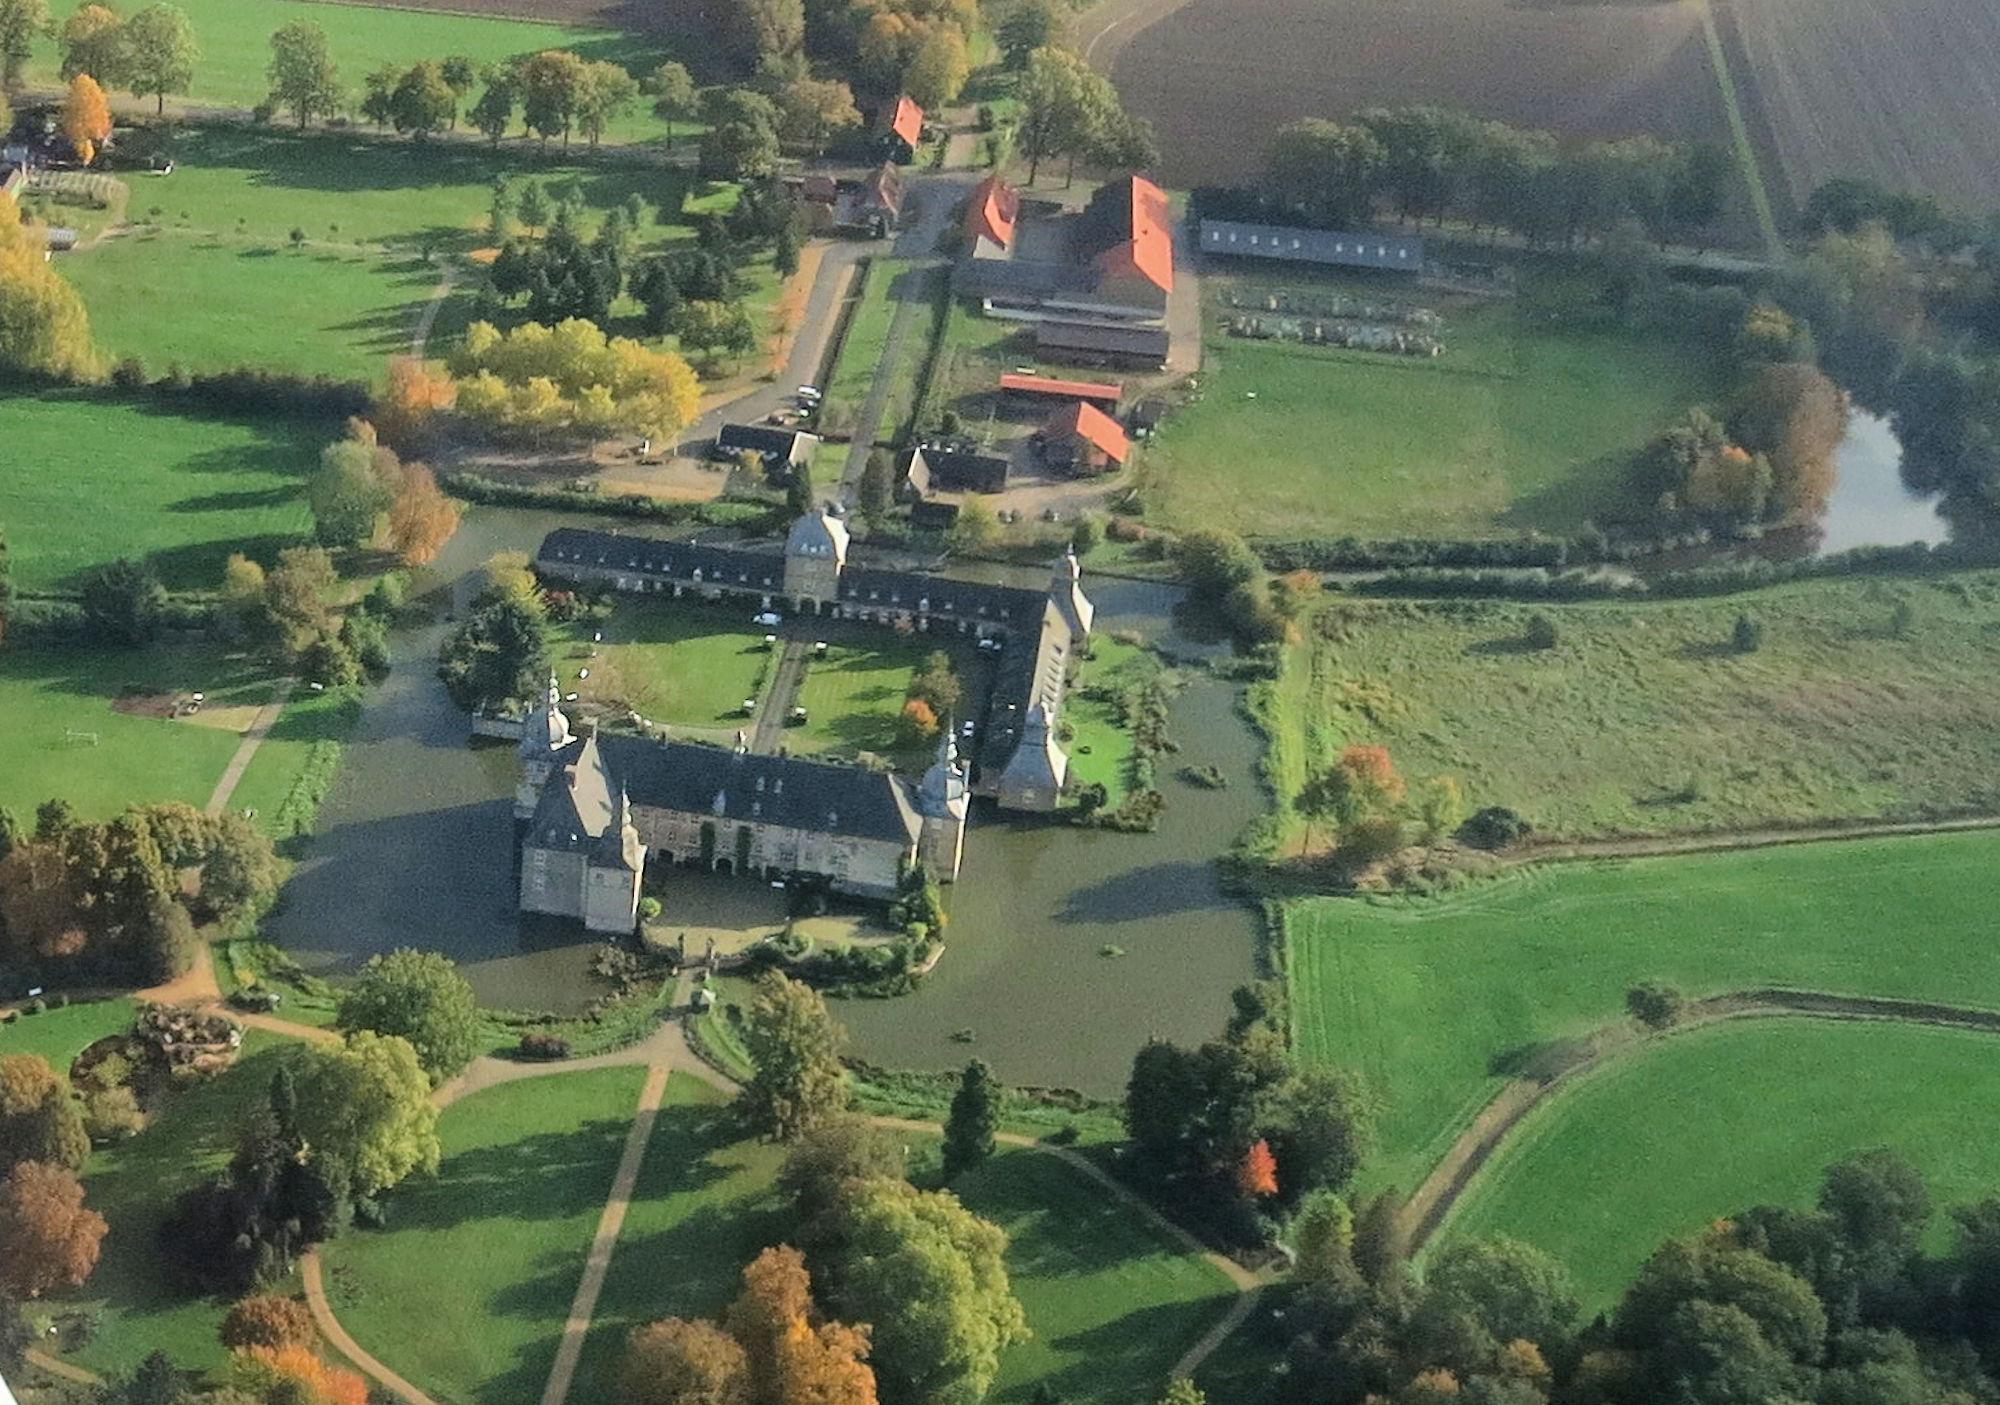 Lembeck, Luftbild, 02.10.2020, Friedrich Cosanne, Schloss Lembeck